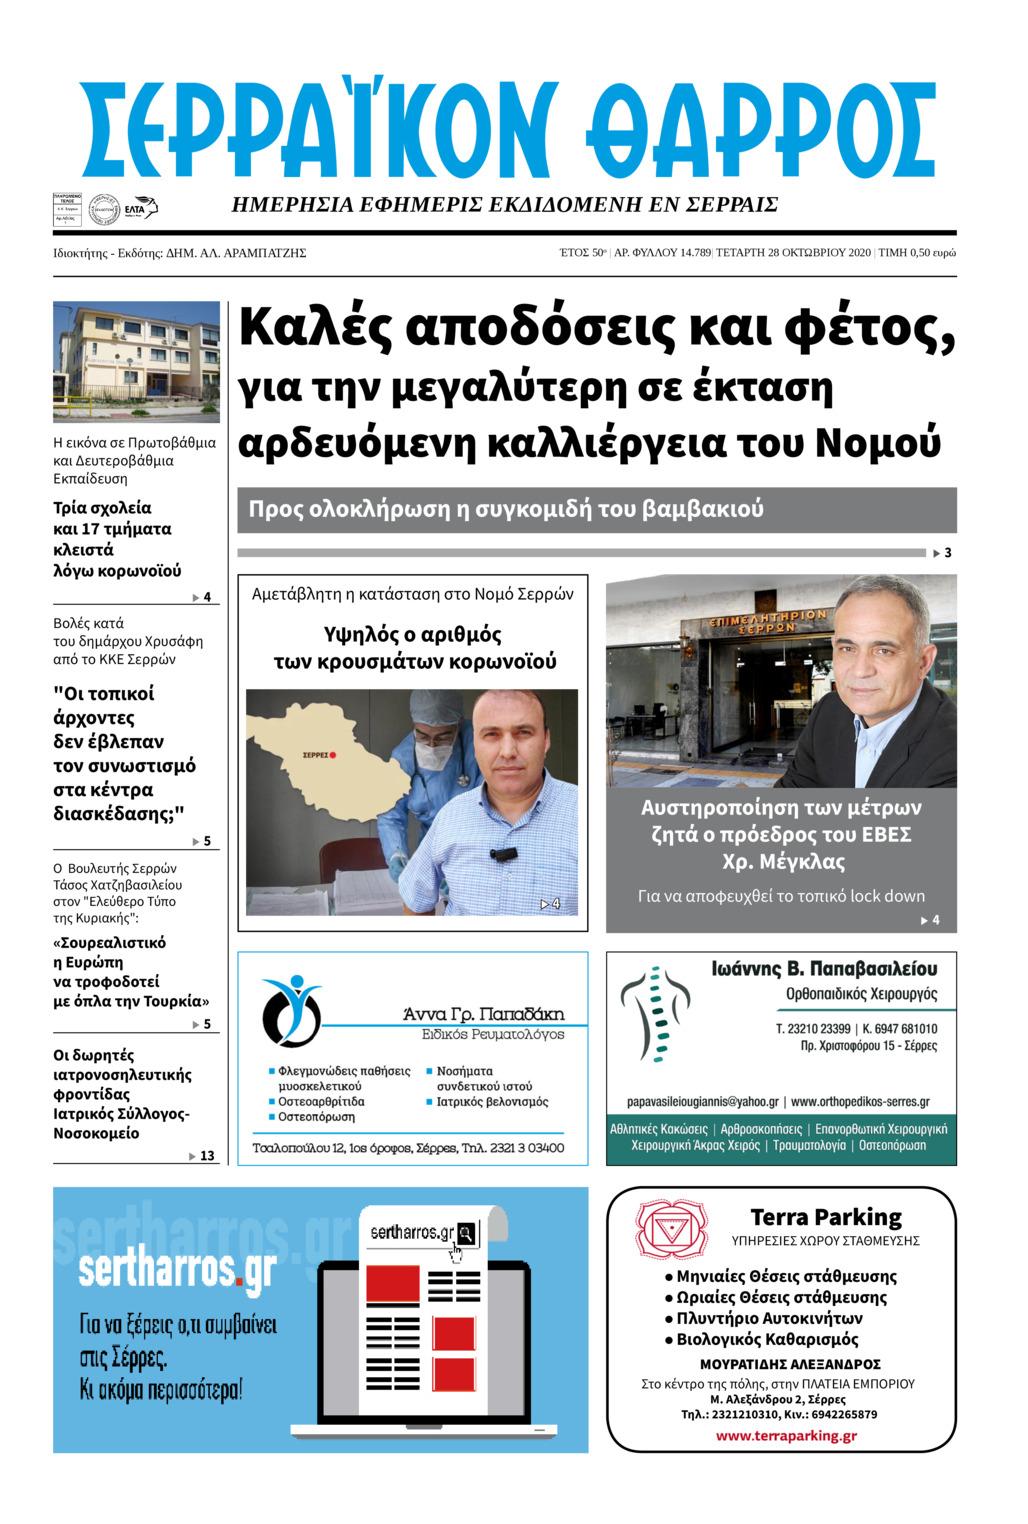 Πρωτοσέλιδο εφημερίδας Σερραϊκόν Θάρρος